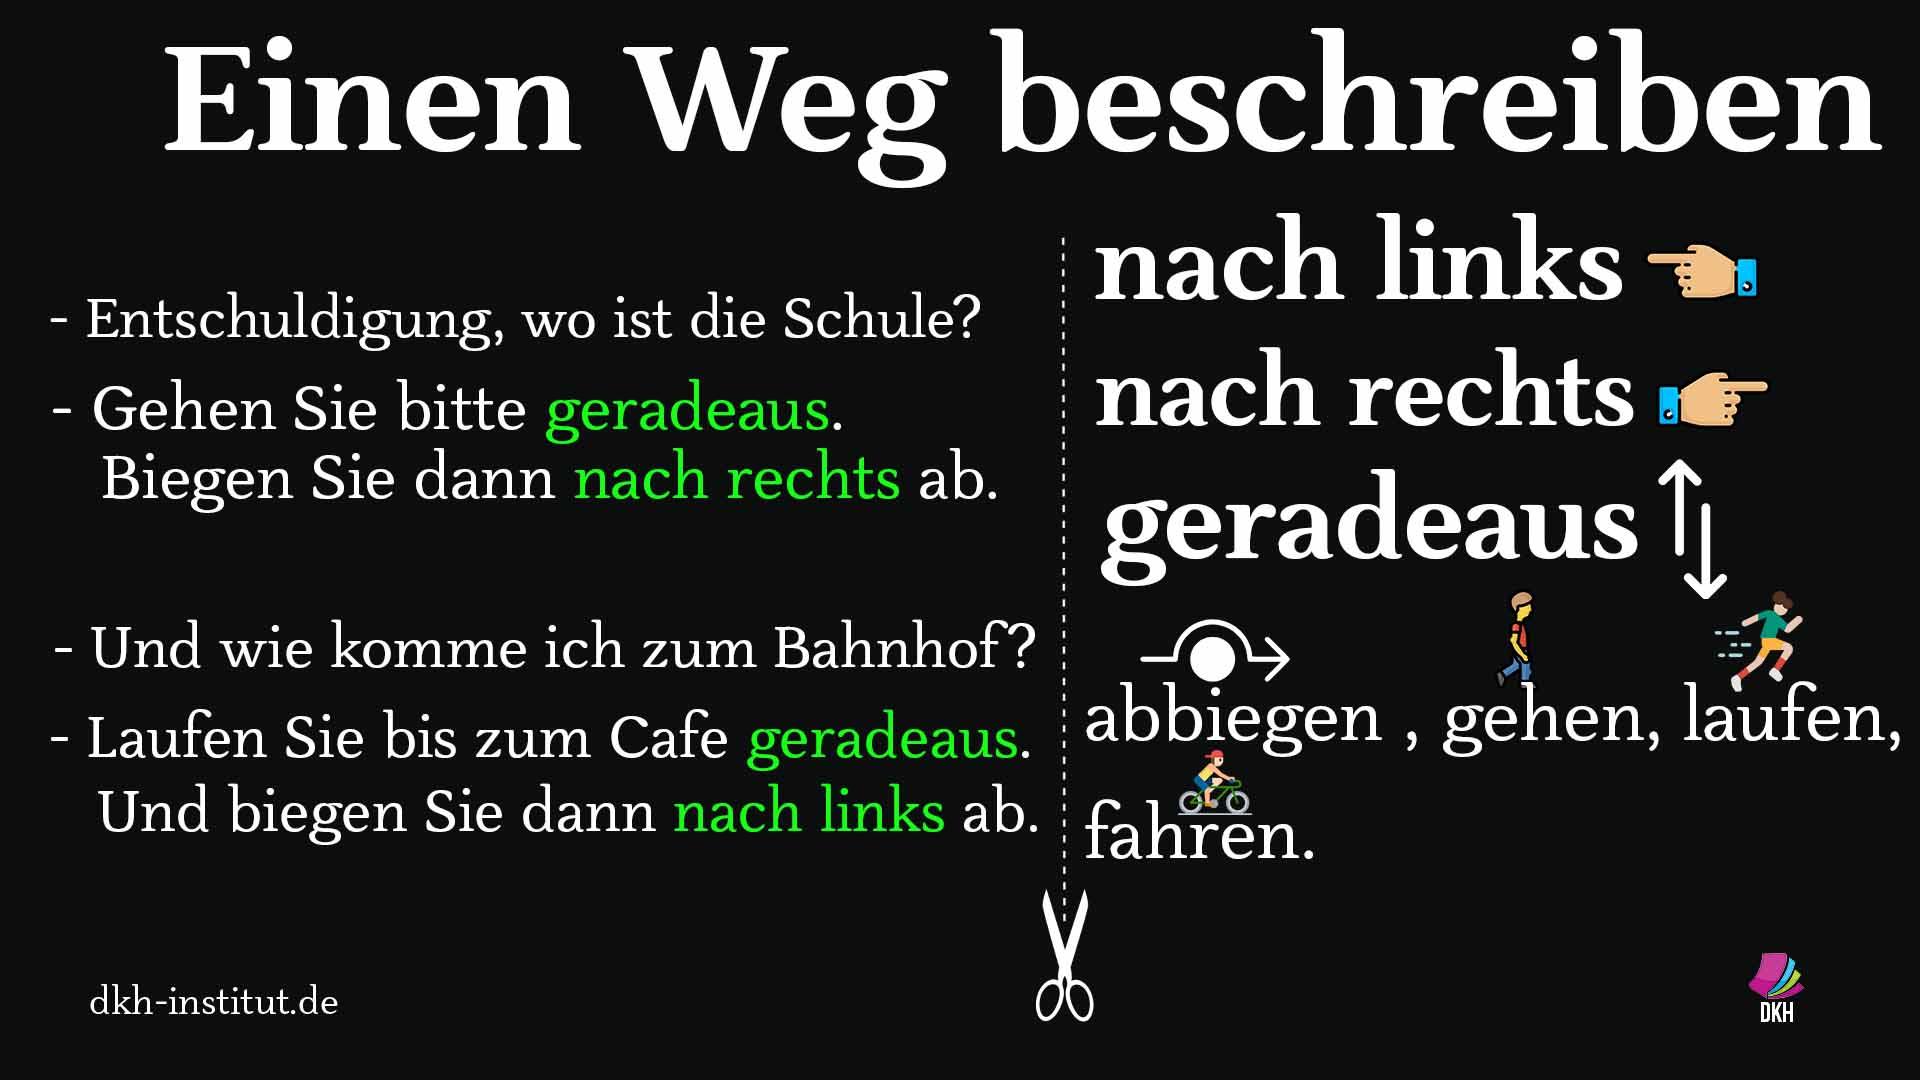 #nachlinks